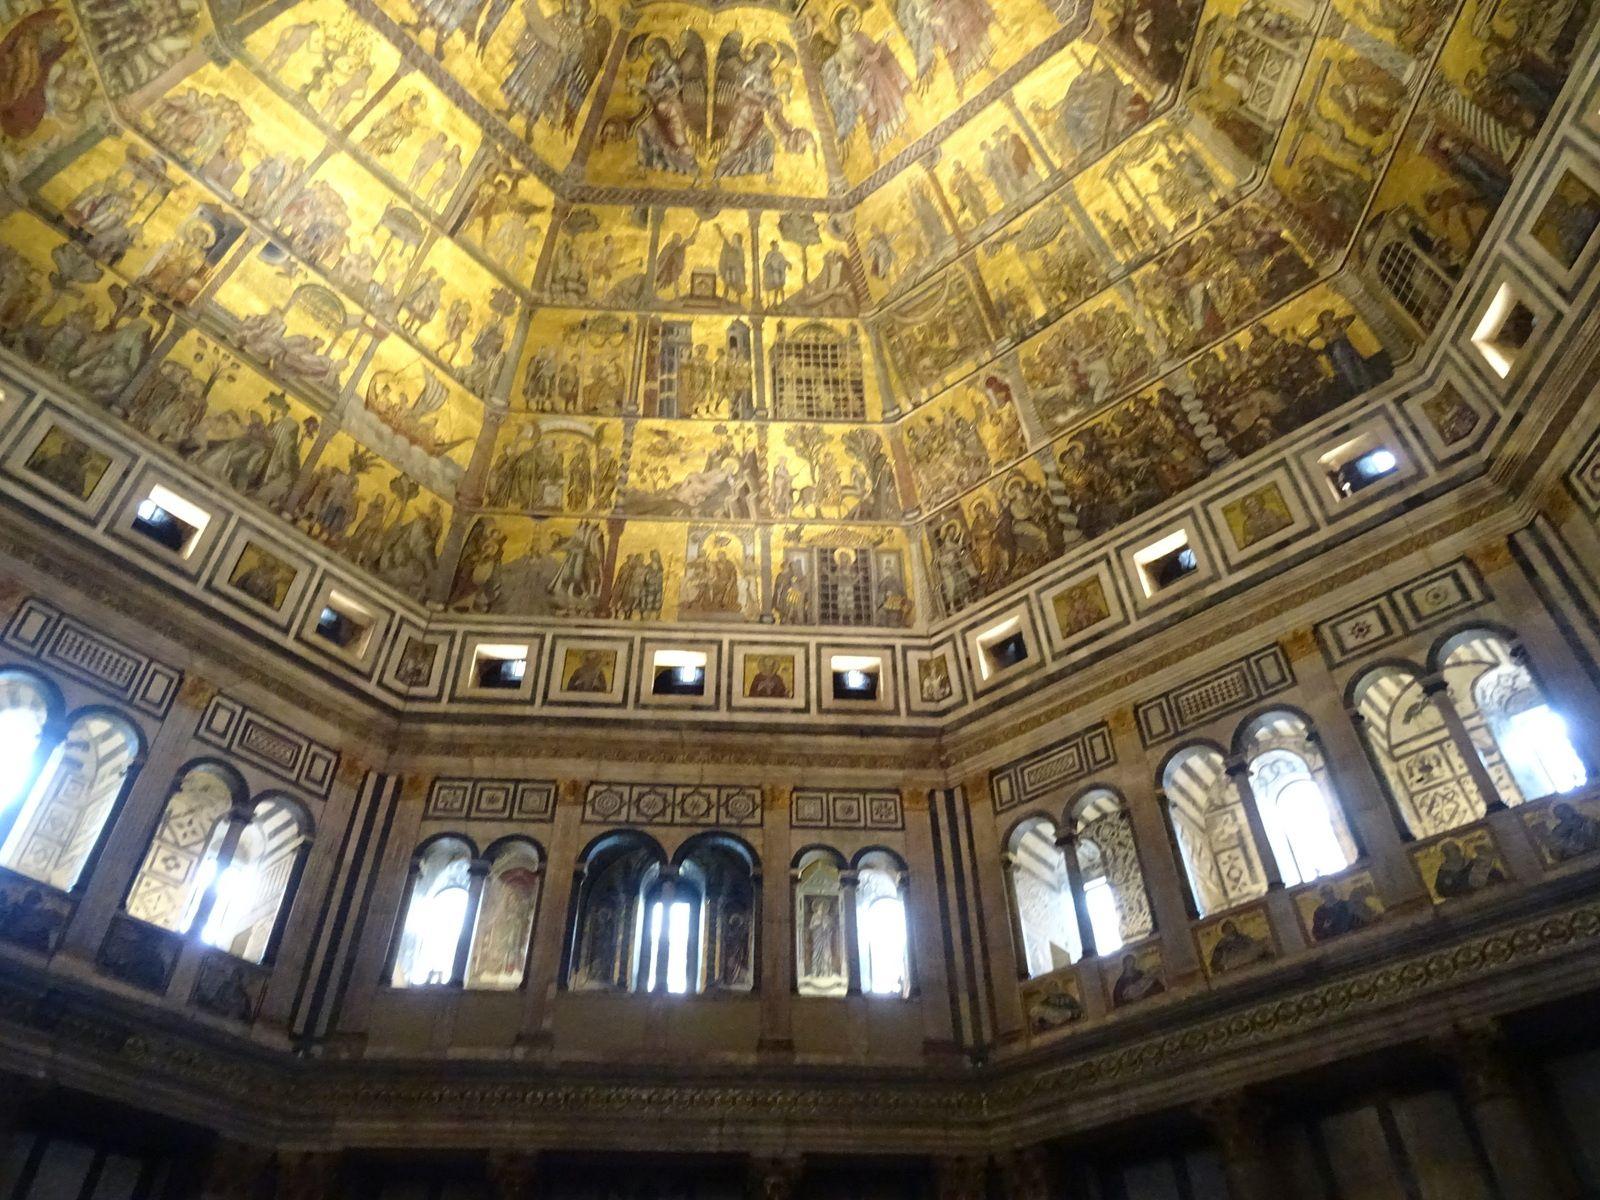 Baptistère, Florence : porte du Paradis (Ghiberti), mosaïques de la coupole, tombeau de l'antipape Jean XXIII déposé en 1415 par le concile de Constance (statue de Donatello)